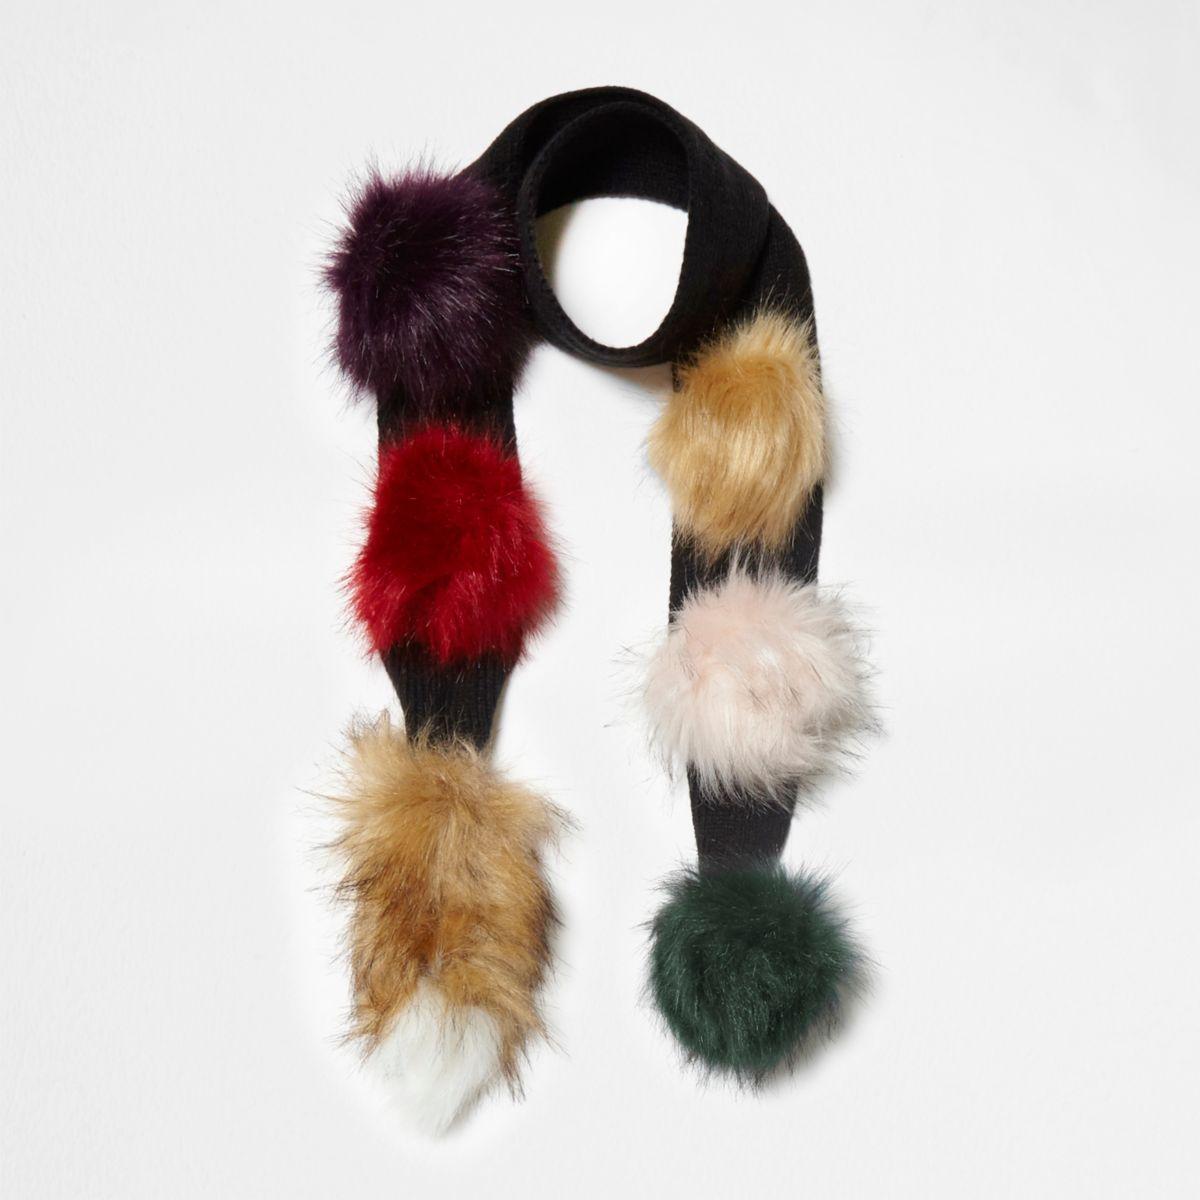 Écharpe fine noire à pompons multicolores pour fille